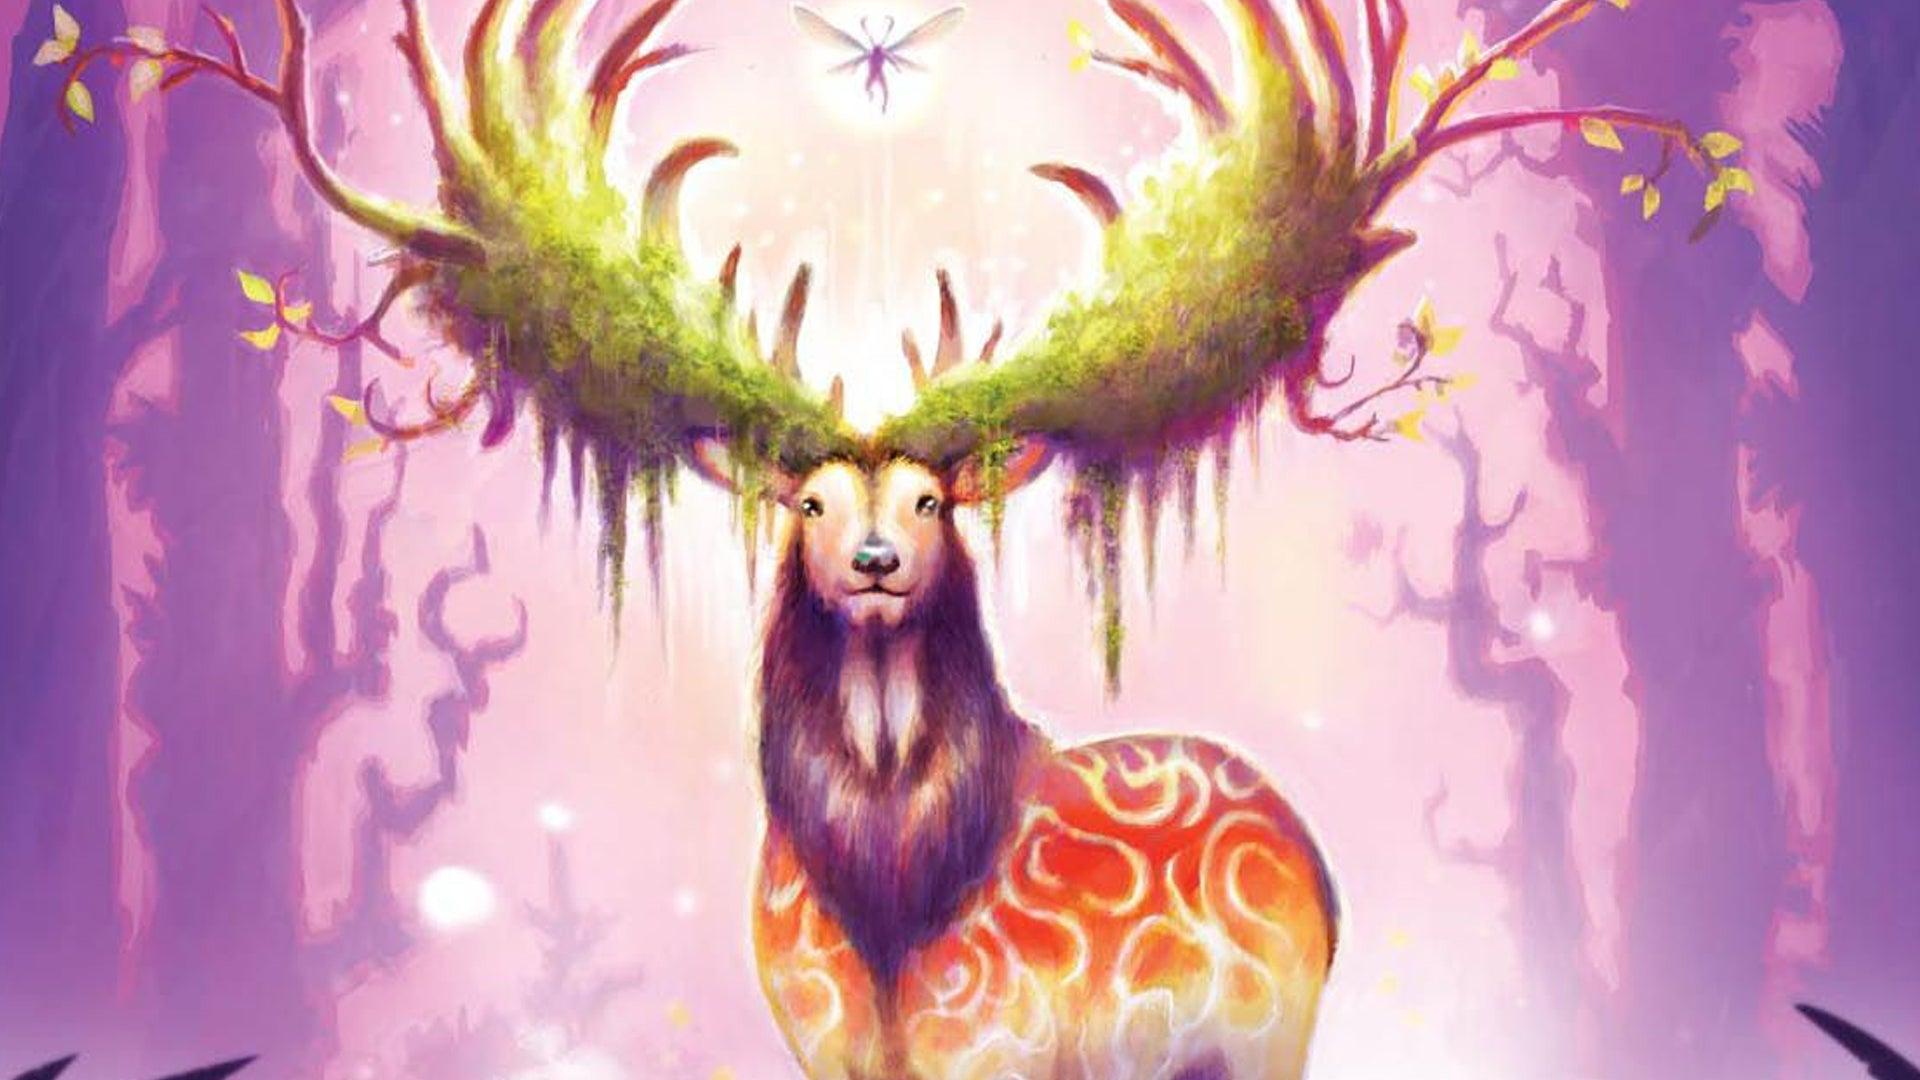 Equinox board game artwork